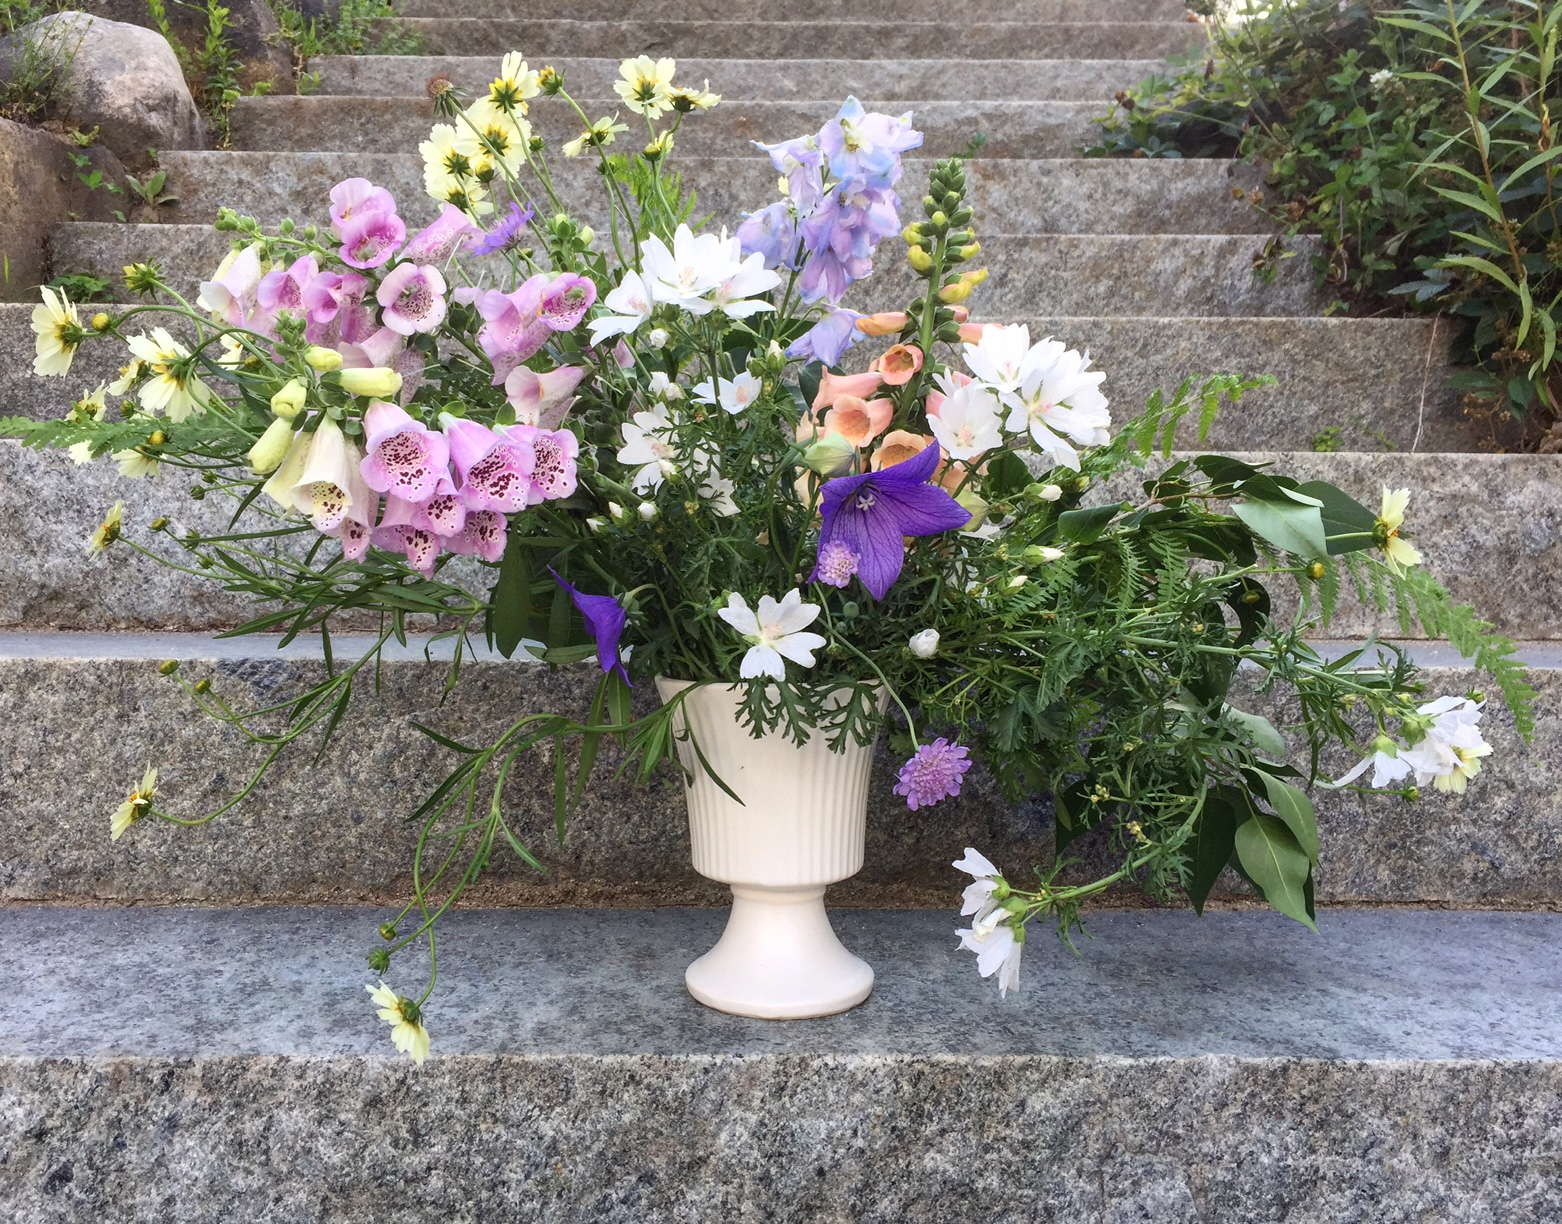 Mid-summer's softer colors in foxglove, delphinium, malva, coreopsis, ballon flower, and scabiosa.